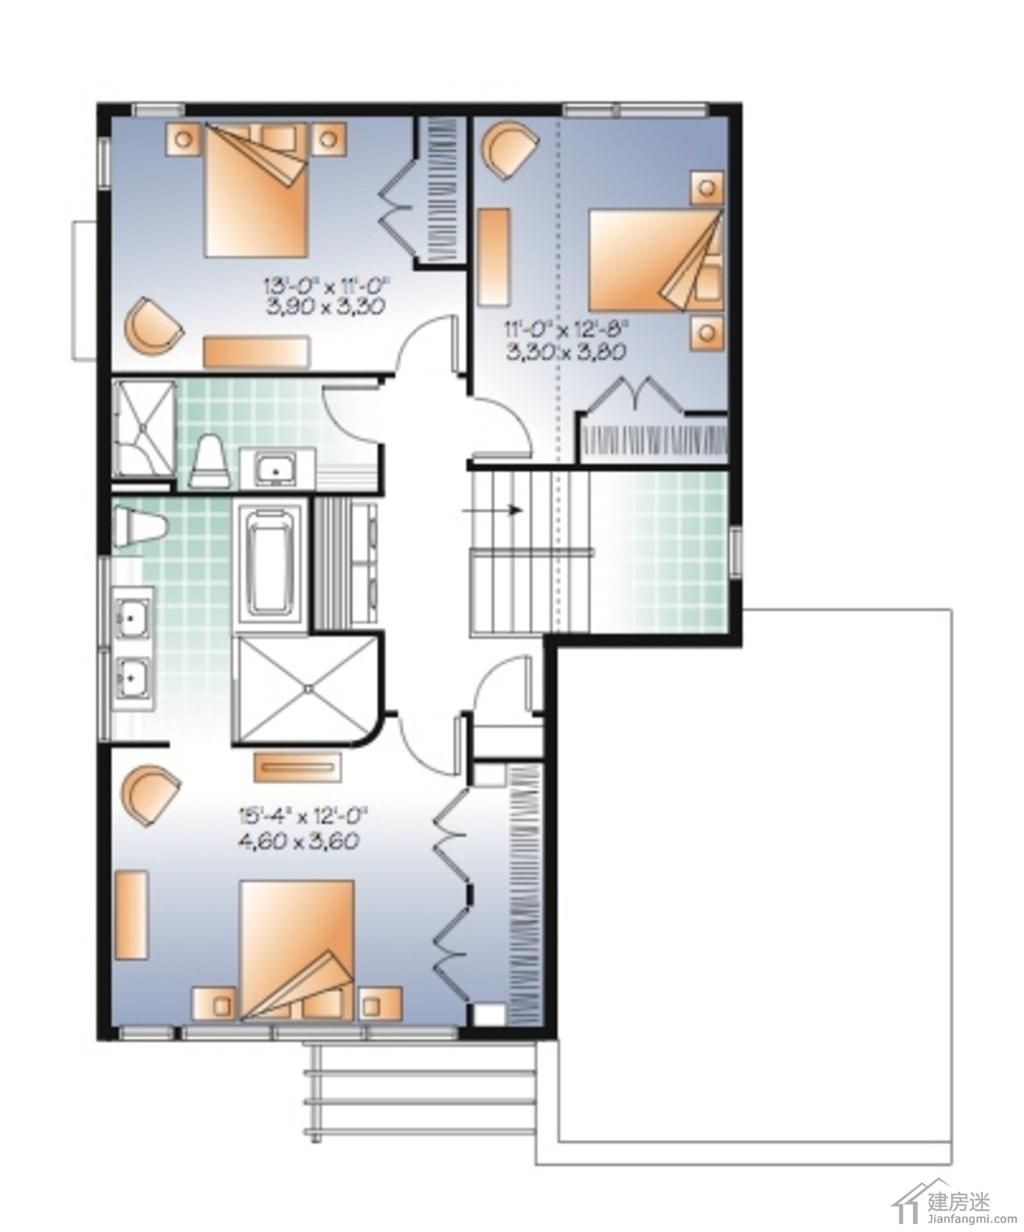 随着农村自建房个性化的需求越来越强烈,很多用户都尝试比较新颖的外观,今天建房迷和大家分享一套现代简约风格的两层小别墅设计图。 现代风格农村自建房设计图两层占地10.8米X13.8米建筑面积150平米-外观图  现代风格农村自建房设计图两层占地10.8米X13.8米建筑面积150平米-后视图  一层平面图  二层平面图